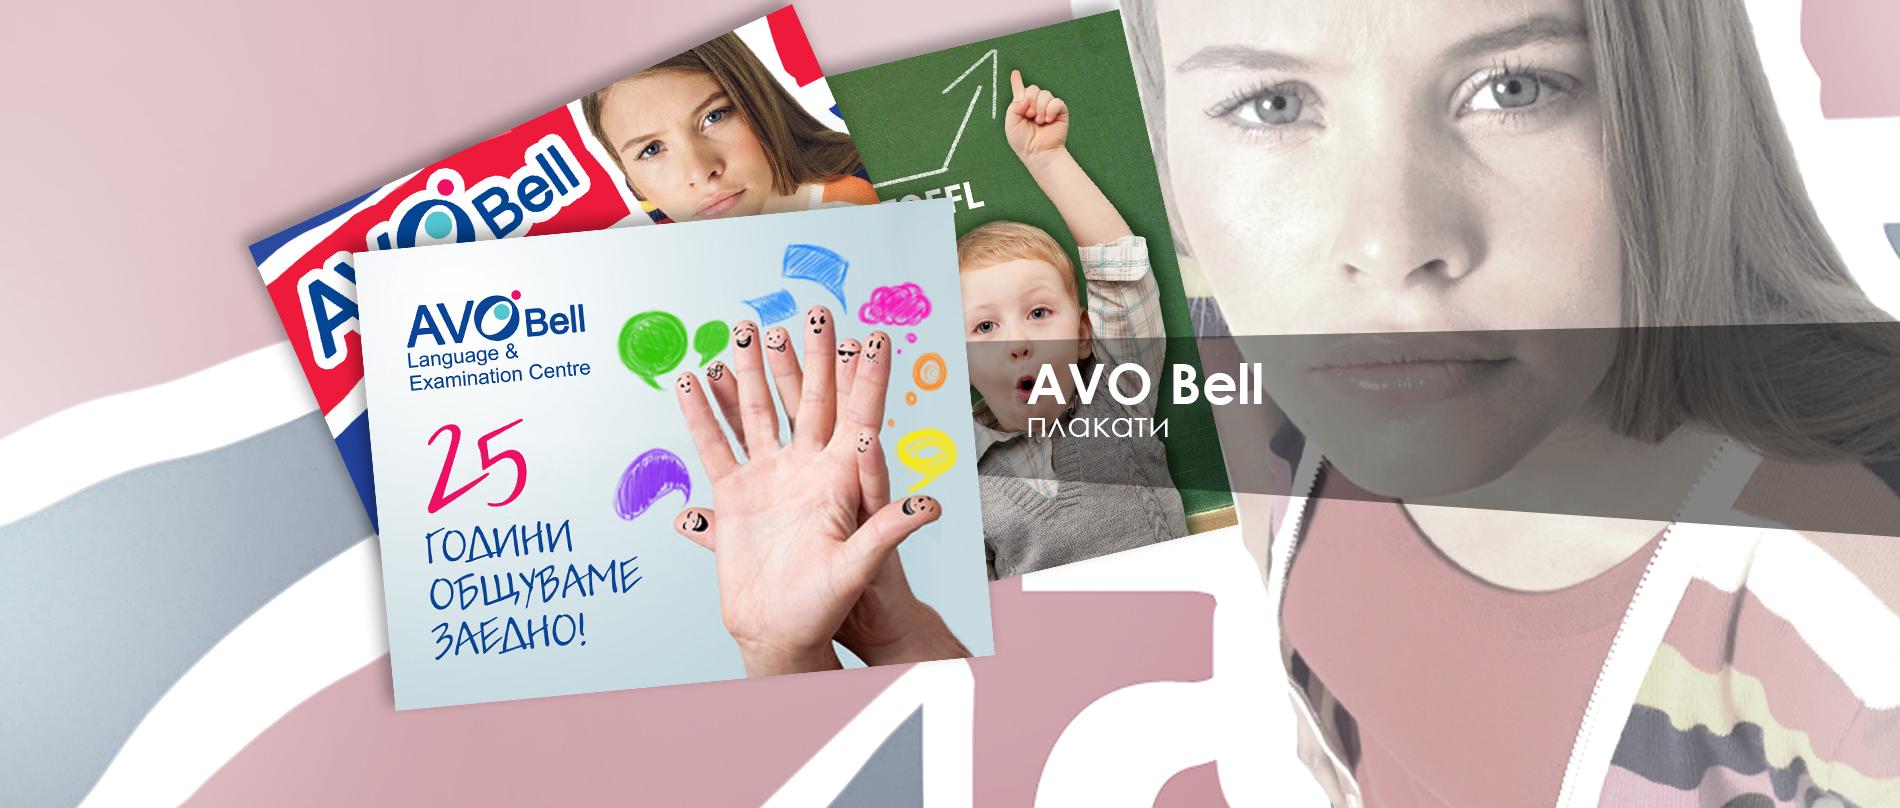 avobell